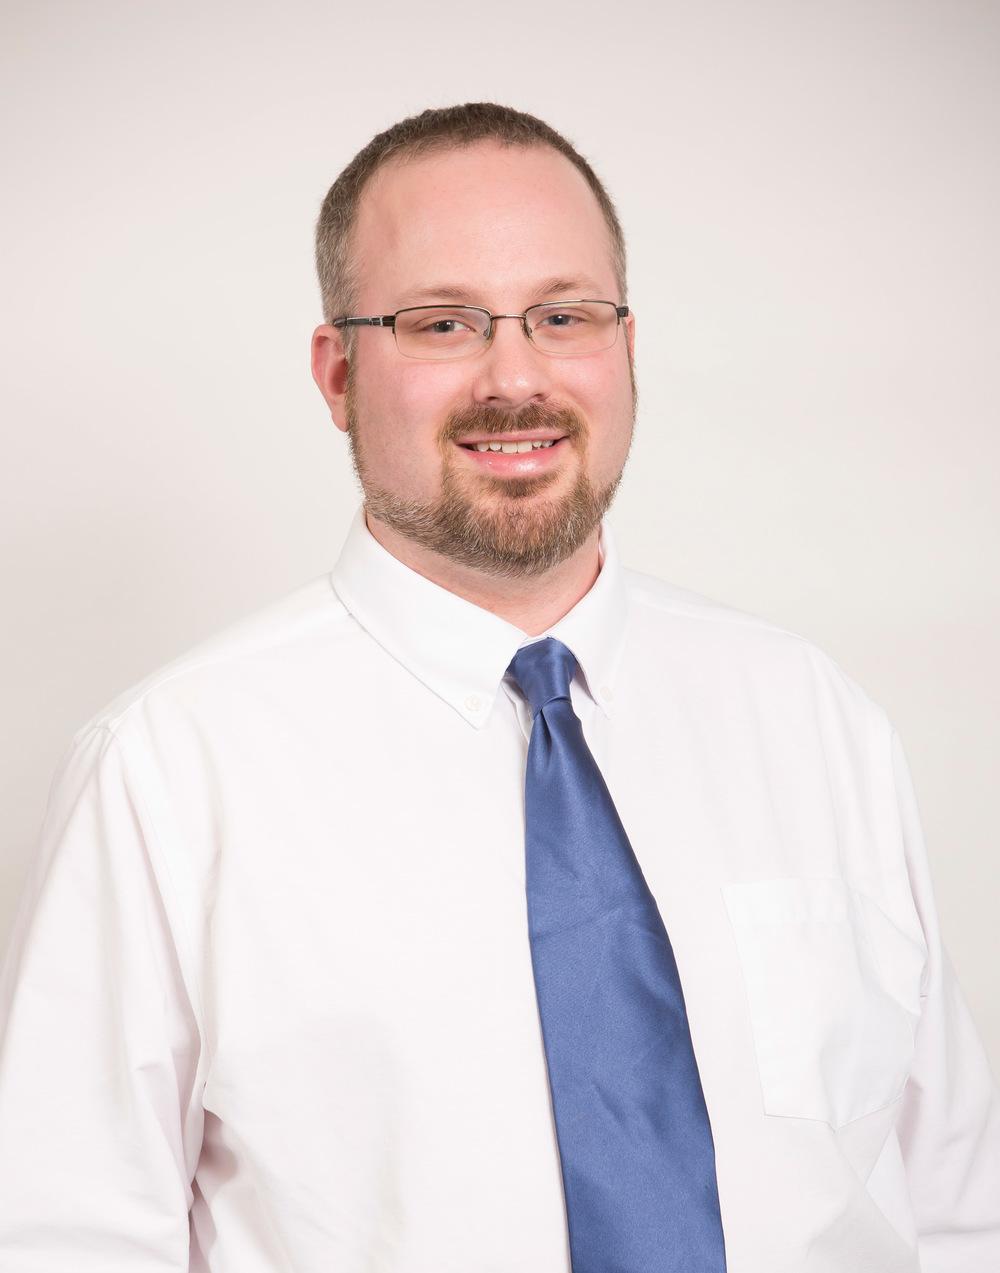 William Burnett Level 1 Technical Staff wburnett@sipartners.net